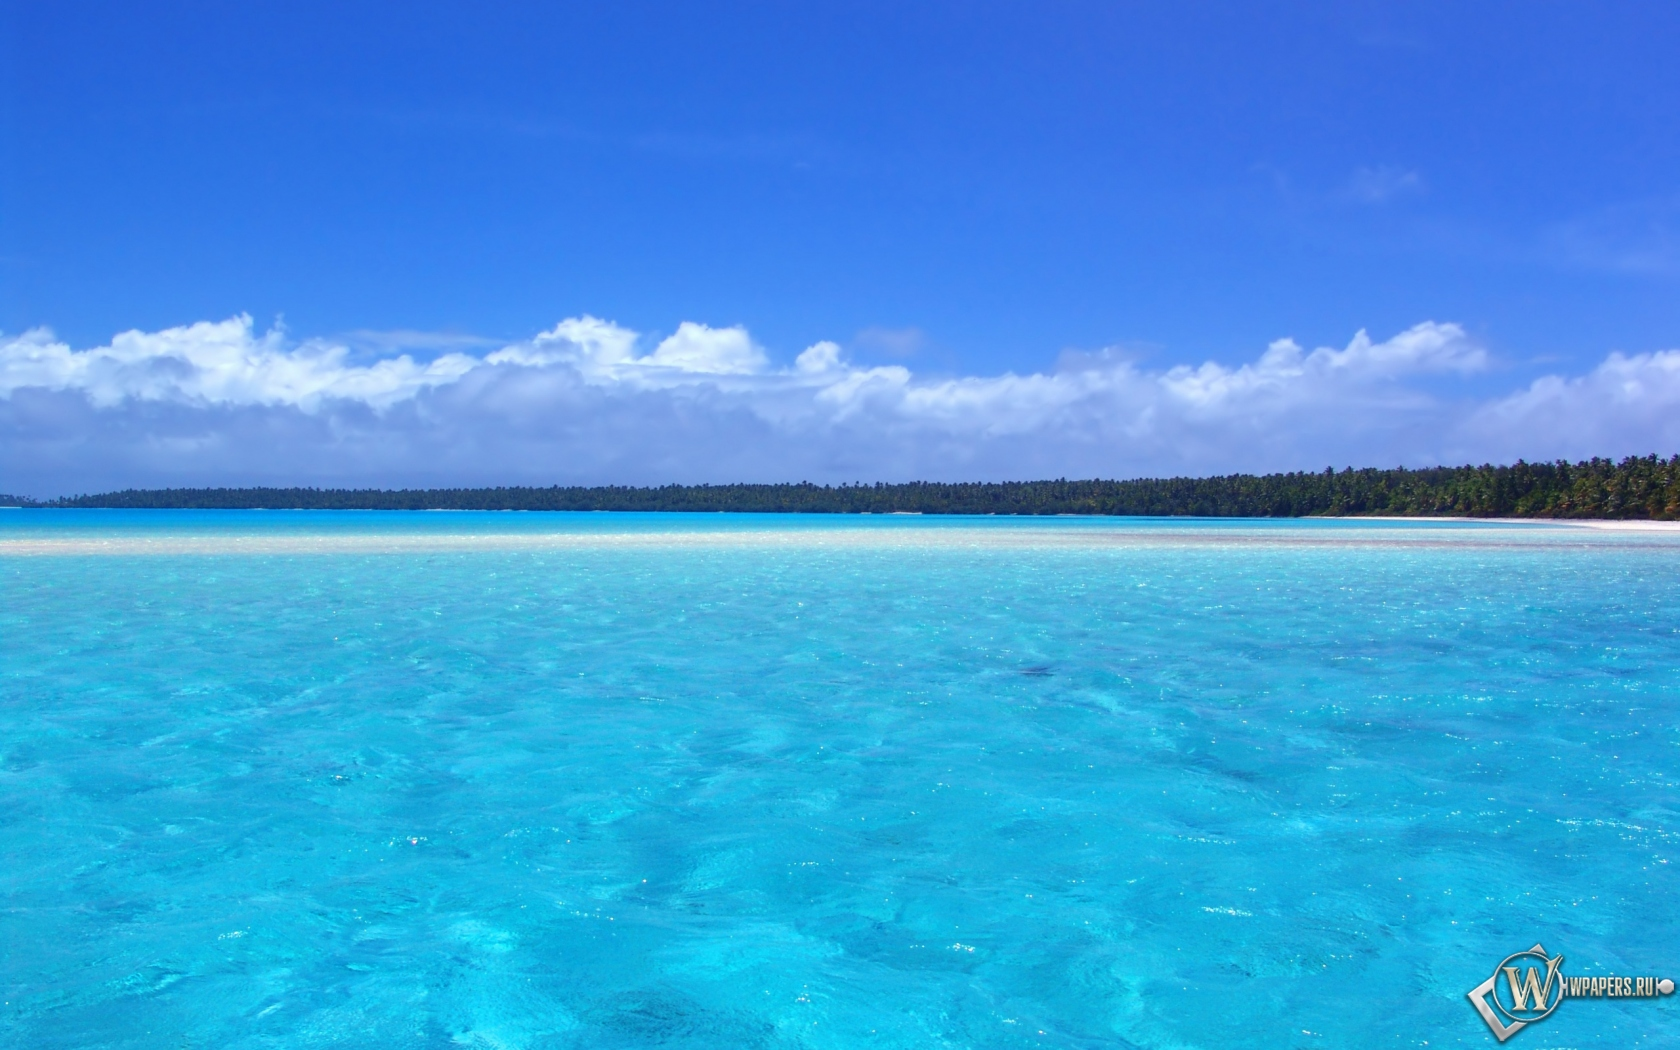 Голубой океан 1680x1050